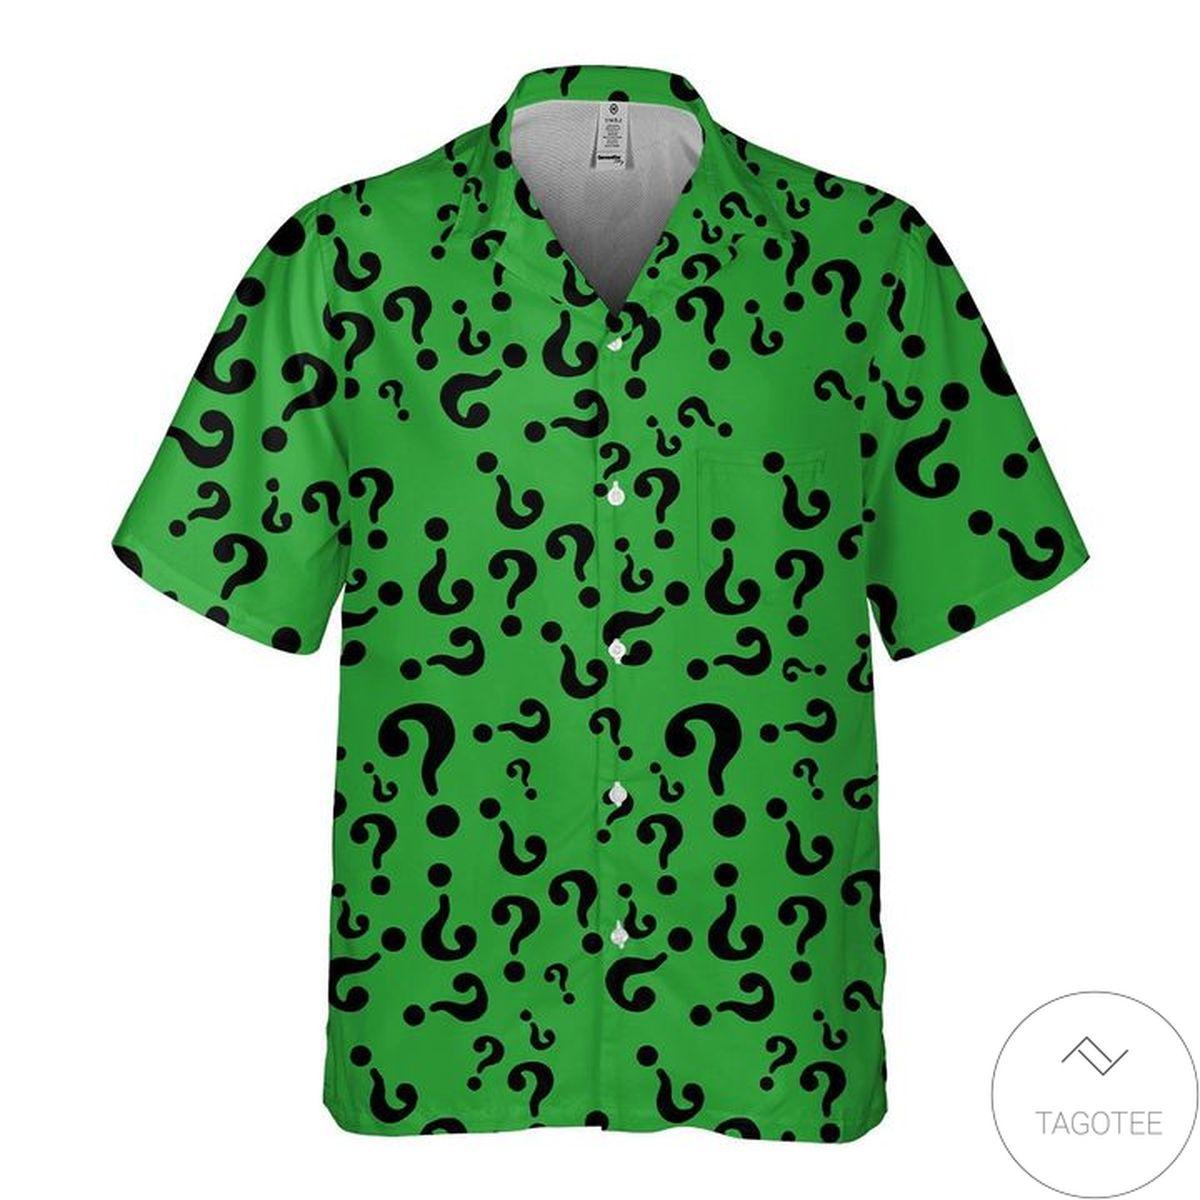 Free Riddler Hawaiian Shirt